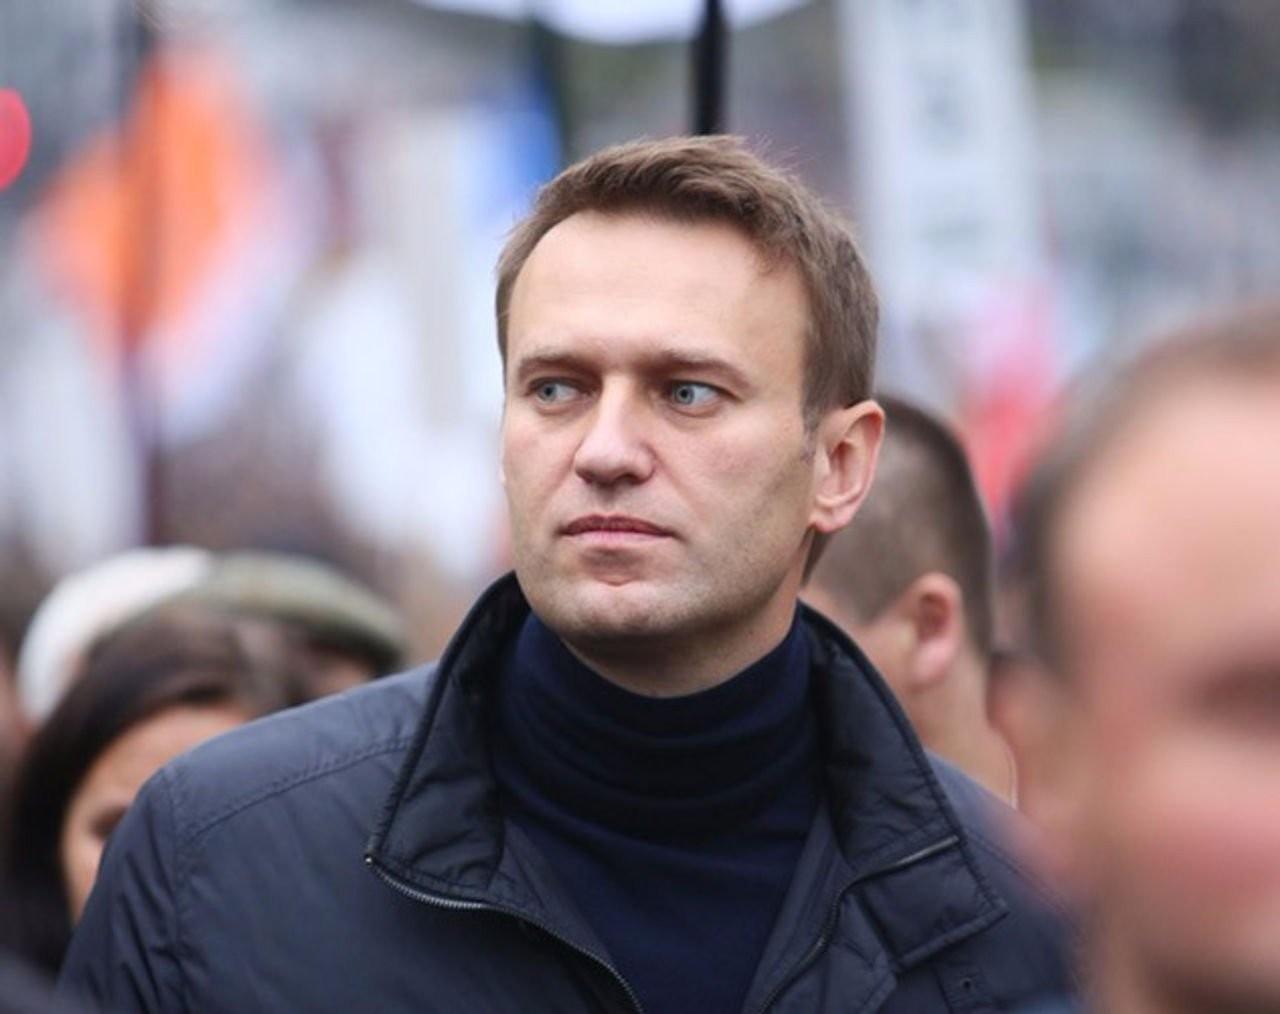 «Протестная Москва» заподозрила Собчак вподтасовке подписей насайте